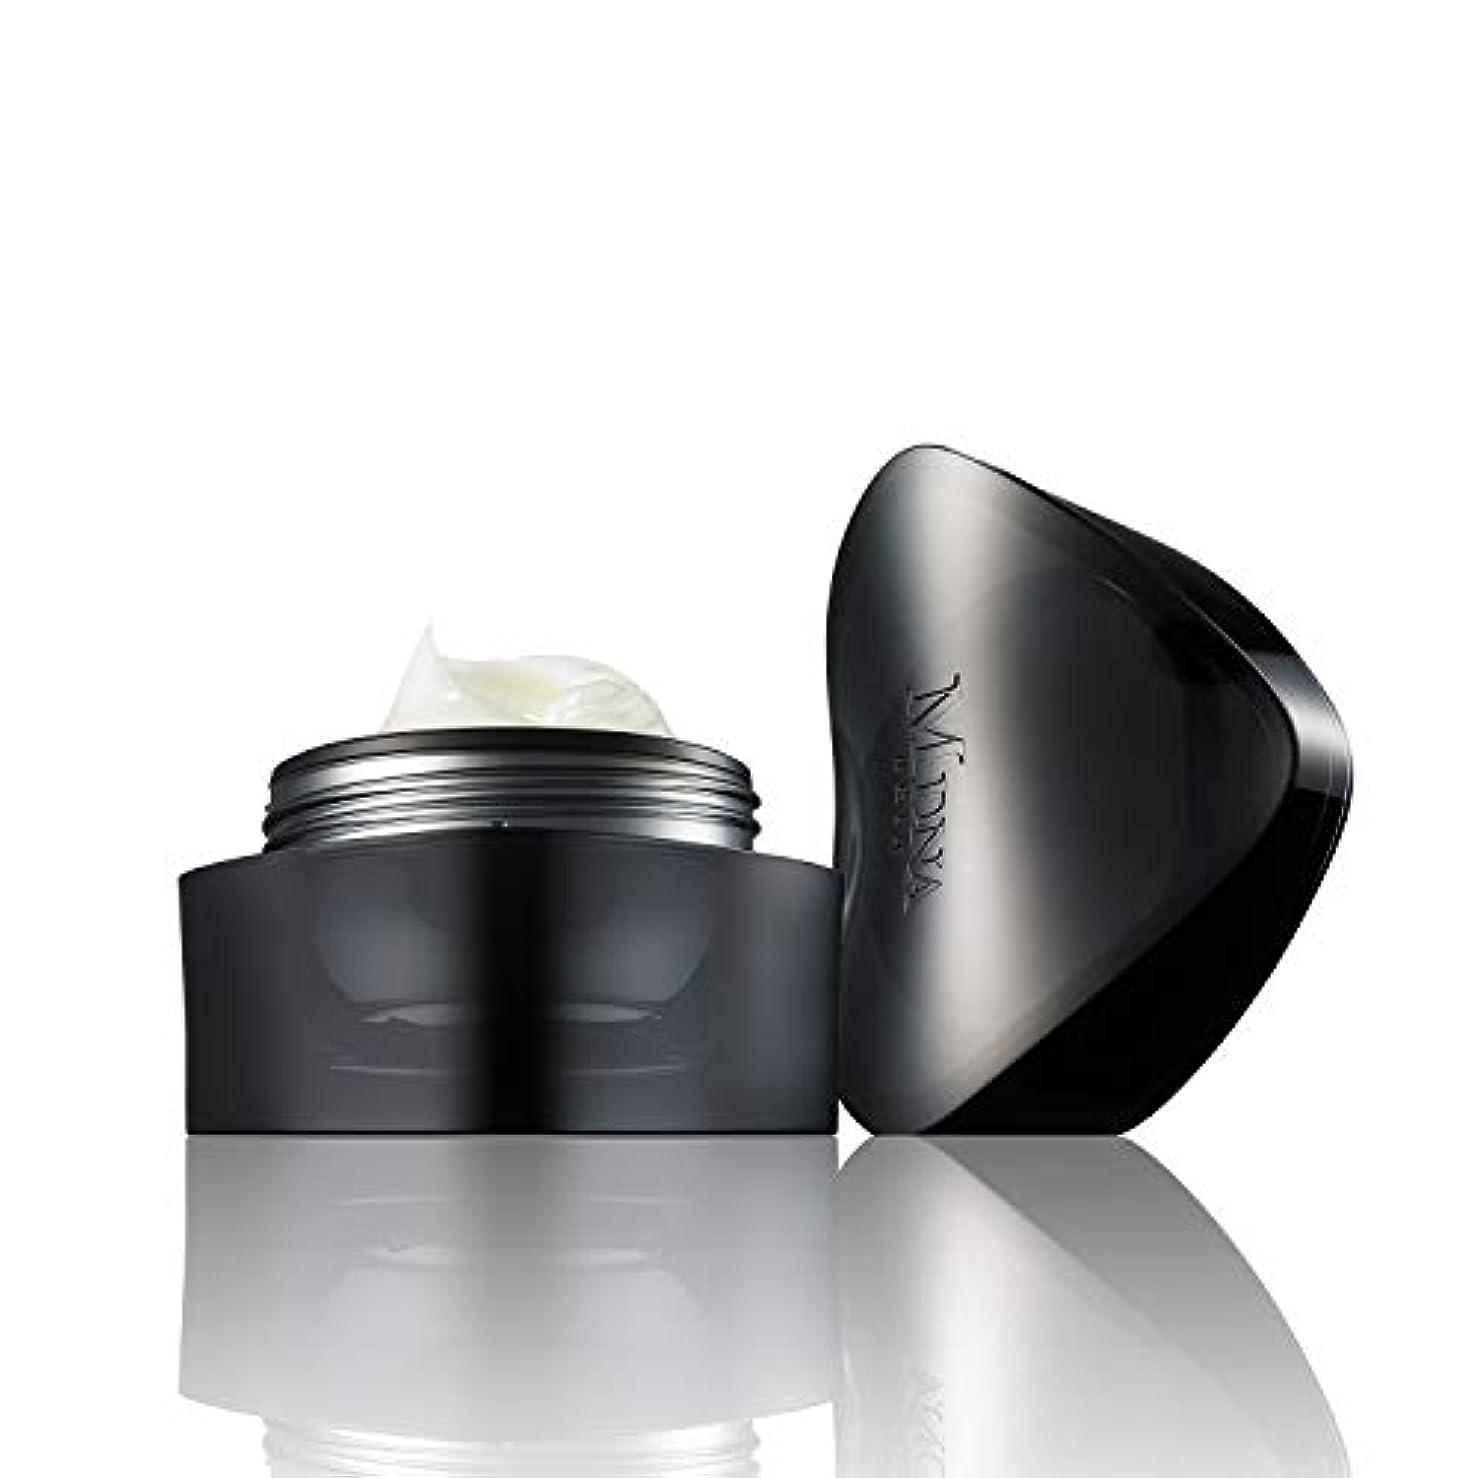 とまり木の中で文言MDNA SKIN(エムディーエヌエースキン) MDNA Skin(エムディーエヌエースキン) The Reinvention Cream 単品